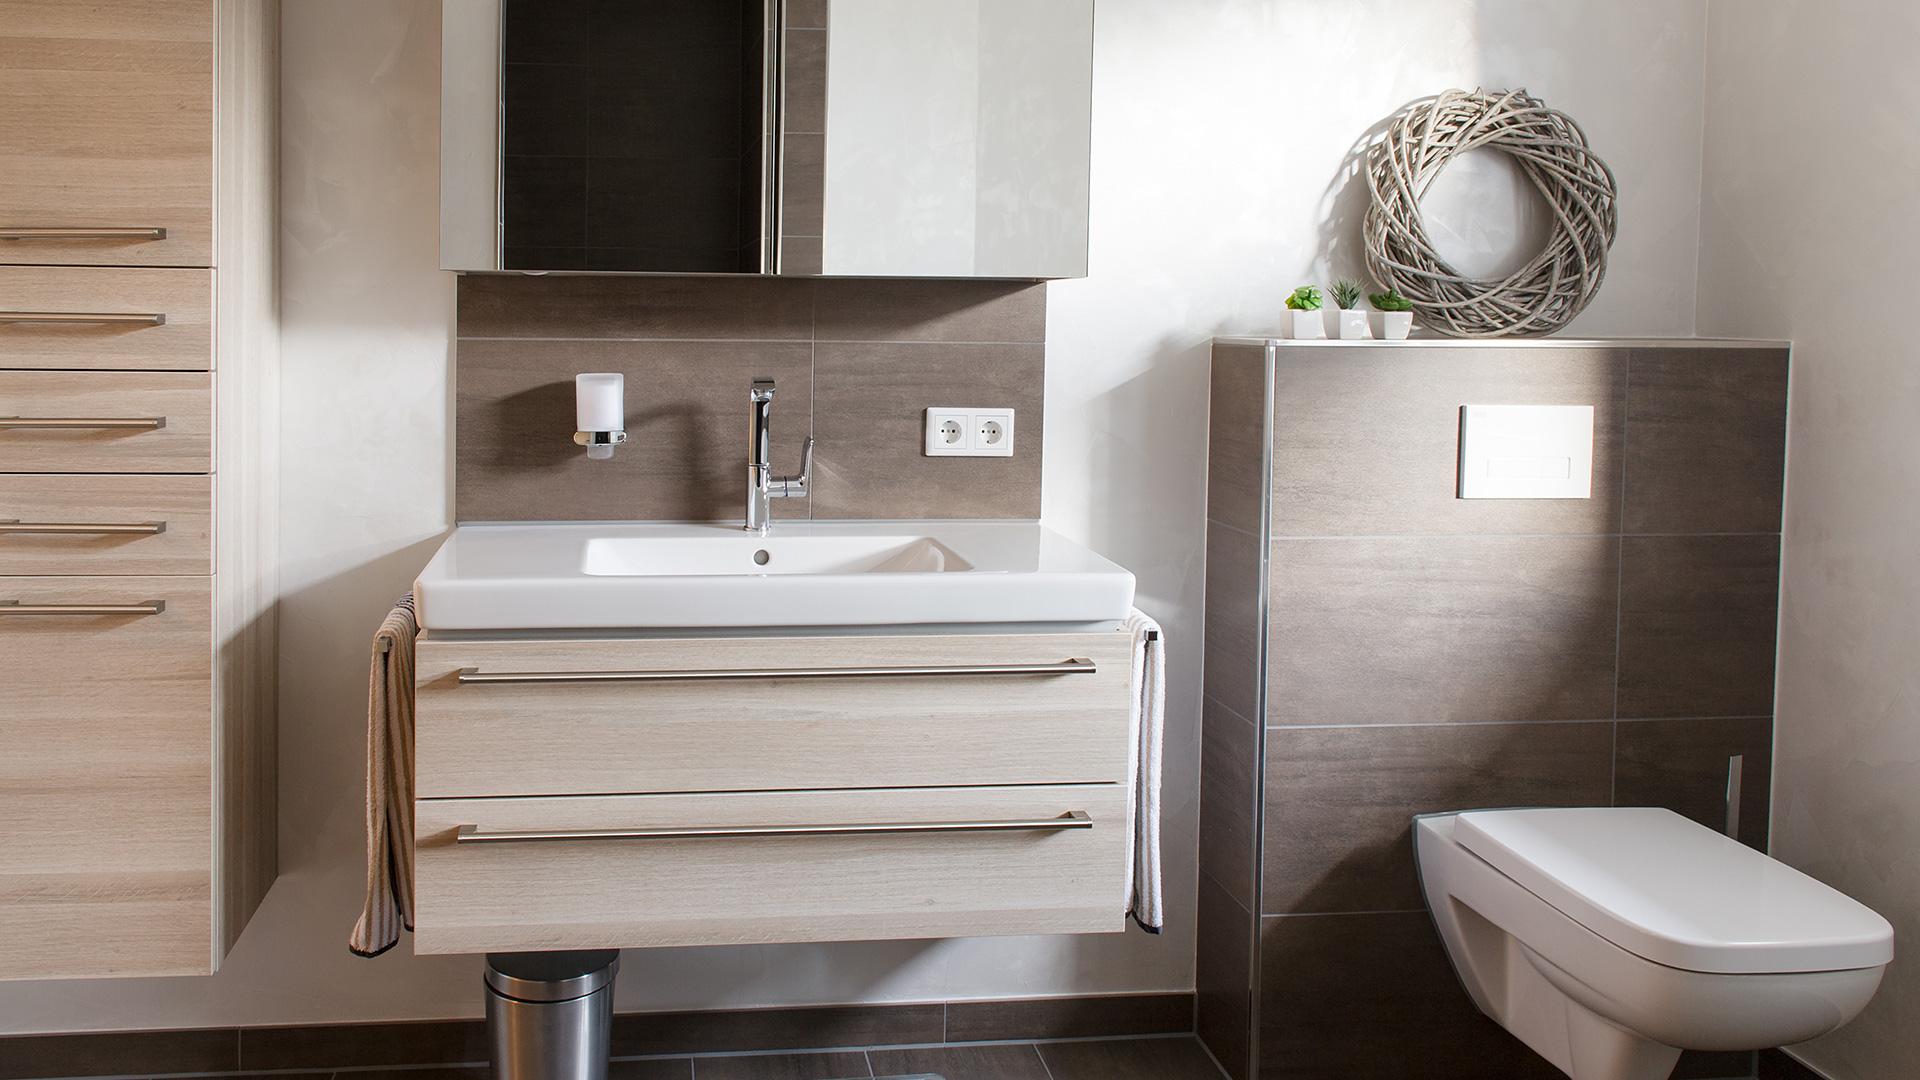 Schöner heller Waschtisch und Toilette an braun gefliester Wand